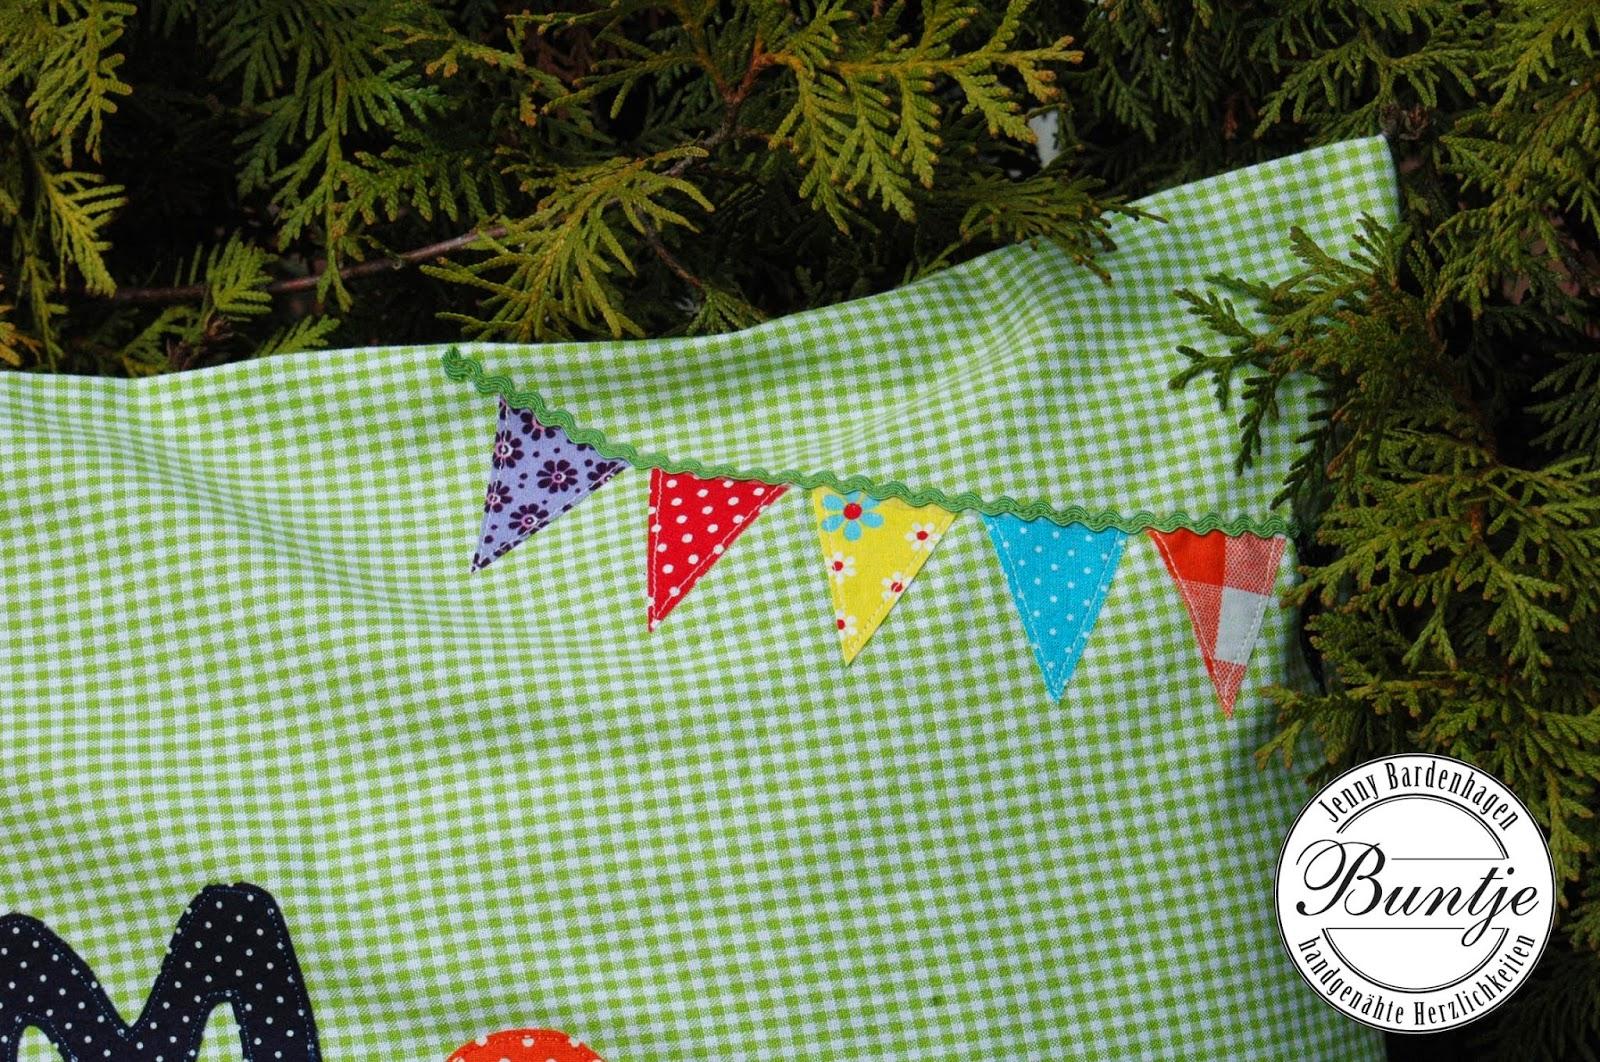 Kissen Name Geschenk Geburt Taufe Geburtstag Junge Karo grün handmade Buntje nähen Moritz